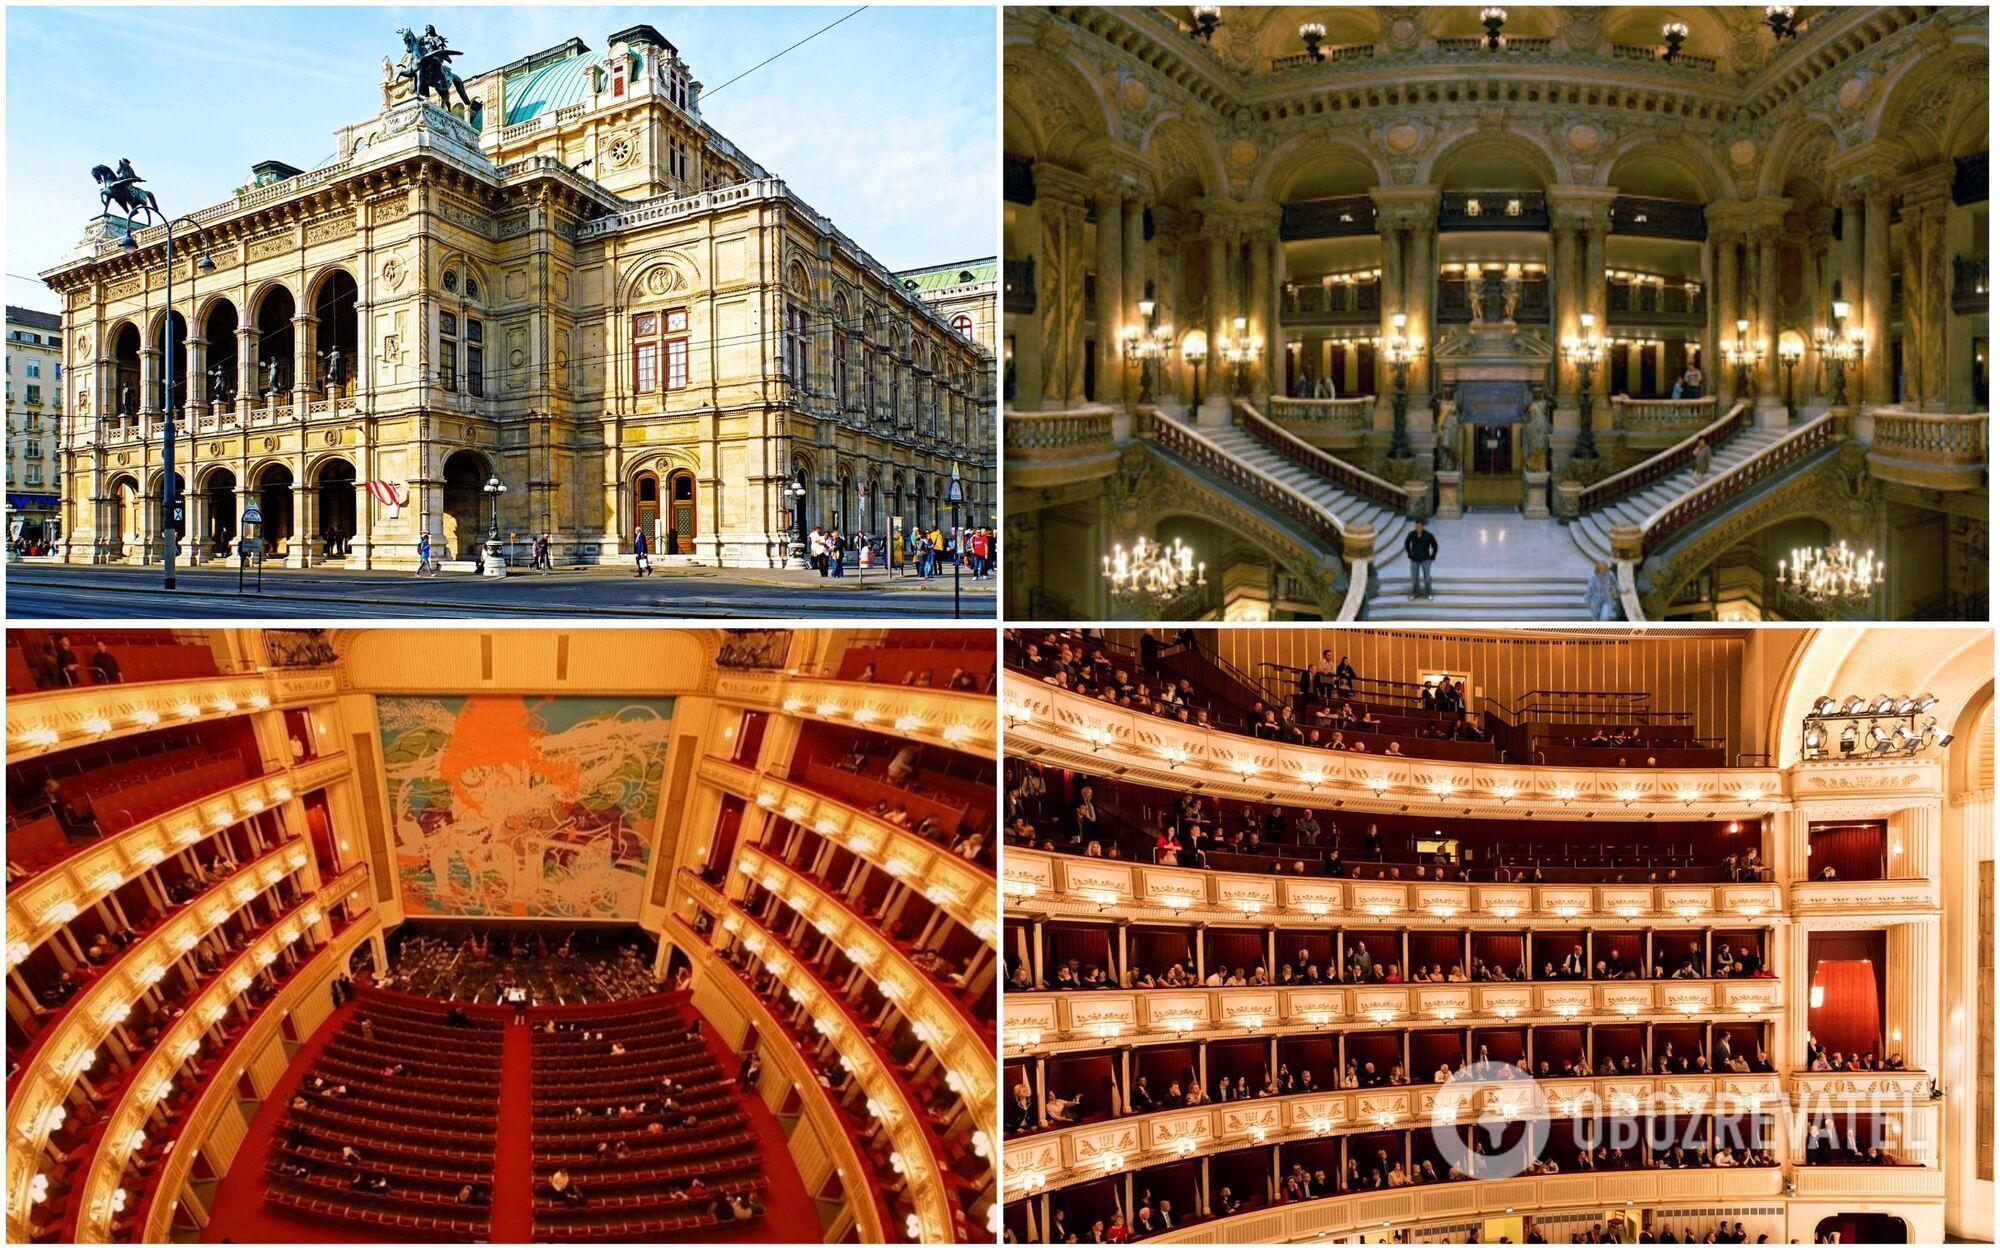 Віденська опера є однією з найзнаменитіших і найдивовижніших будівель австрійської столиці.